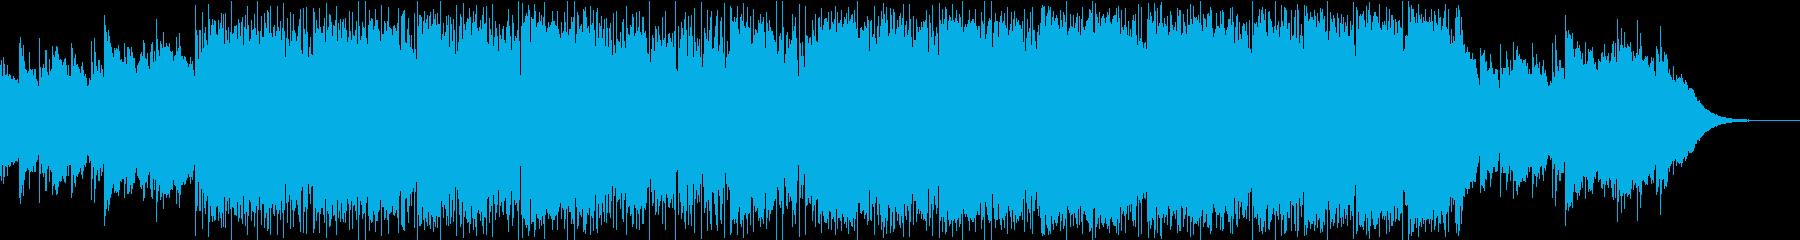 クールなDrum'NBassショートの再生済みの波形